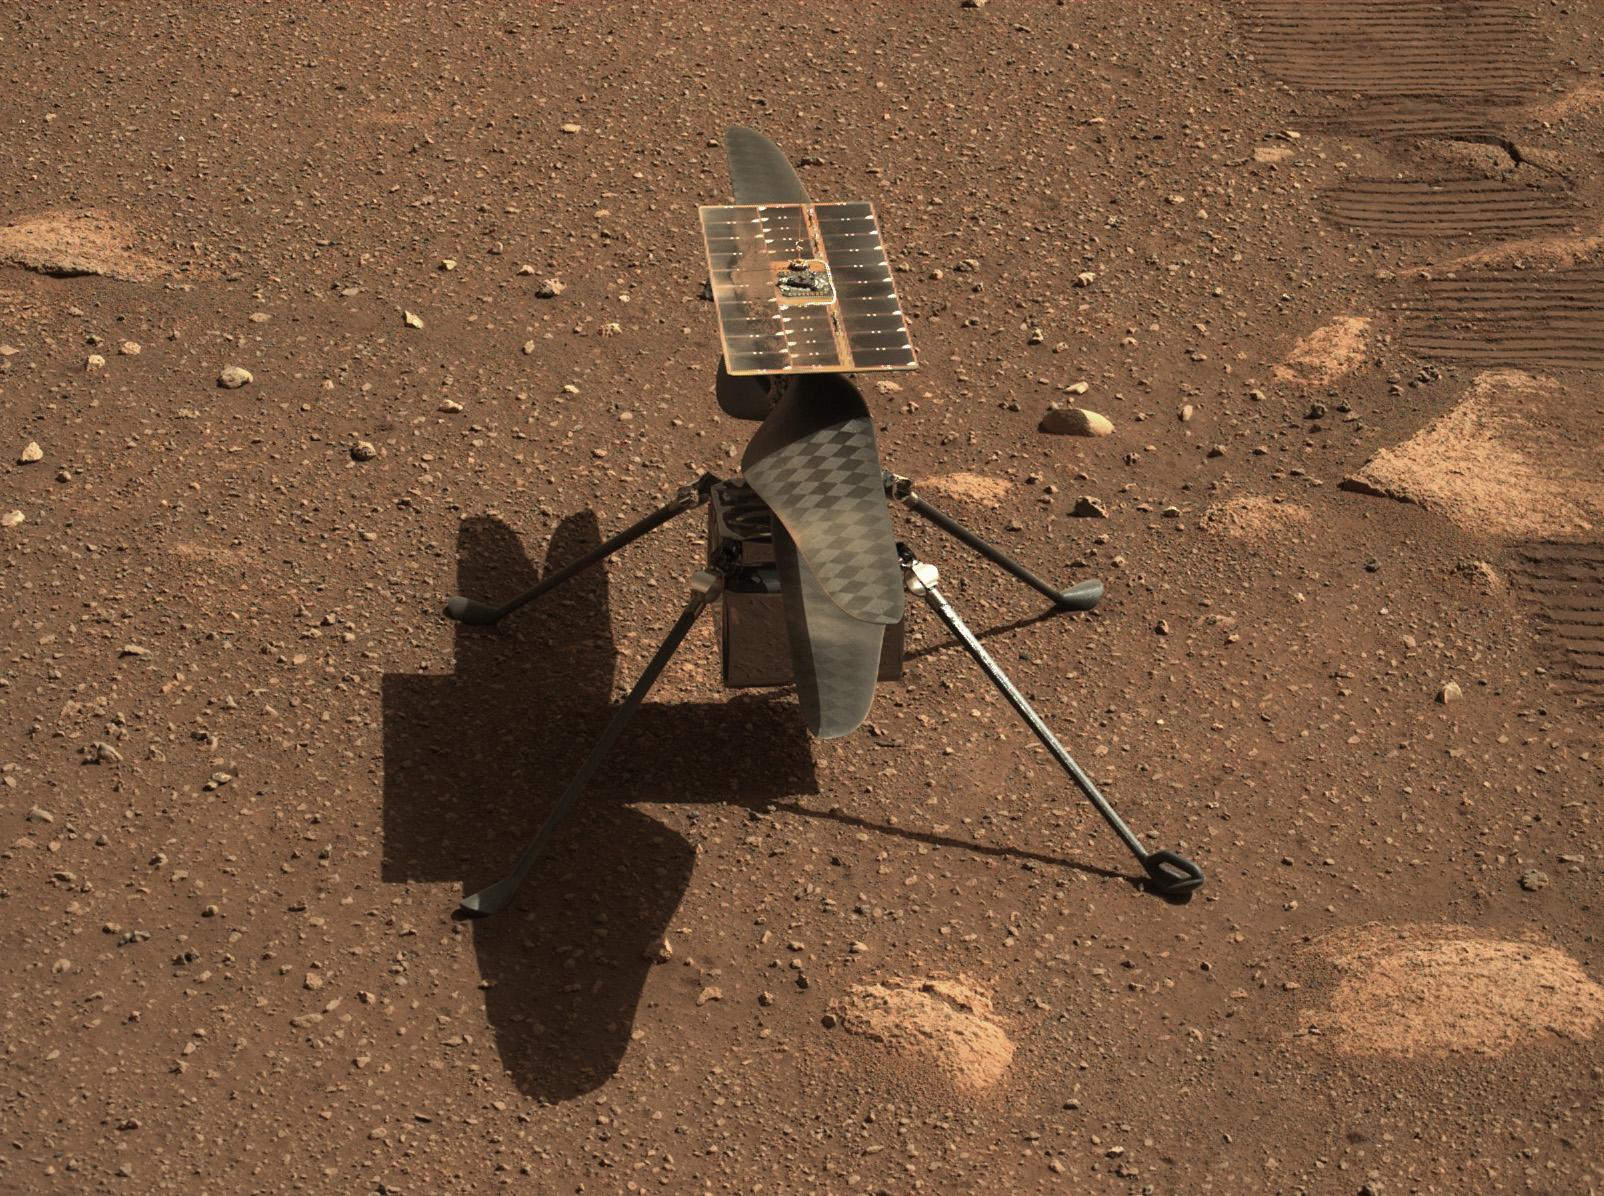 Obrázek: Helikoptéra Ingenuity přežila svou první noc na Marsu, 12. dubna poprvé poletí